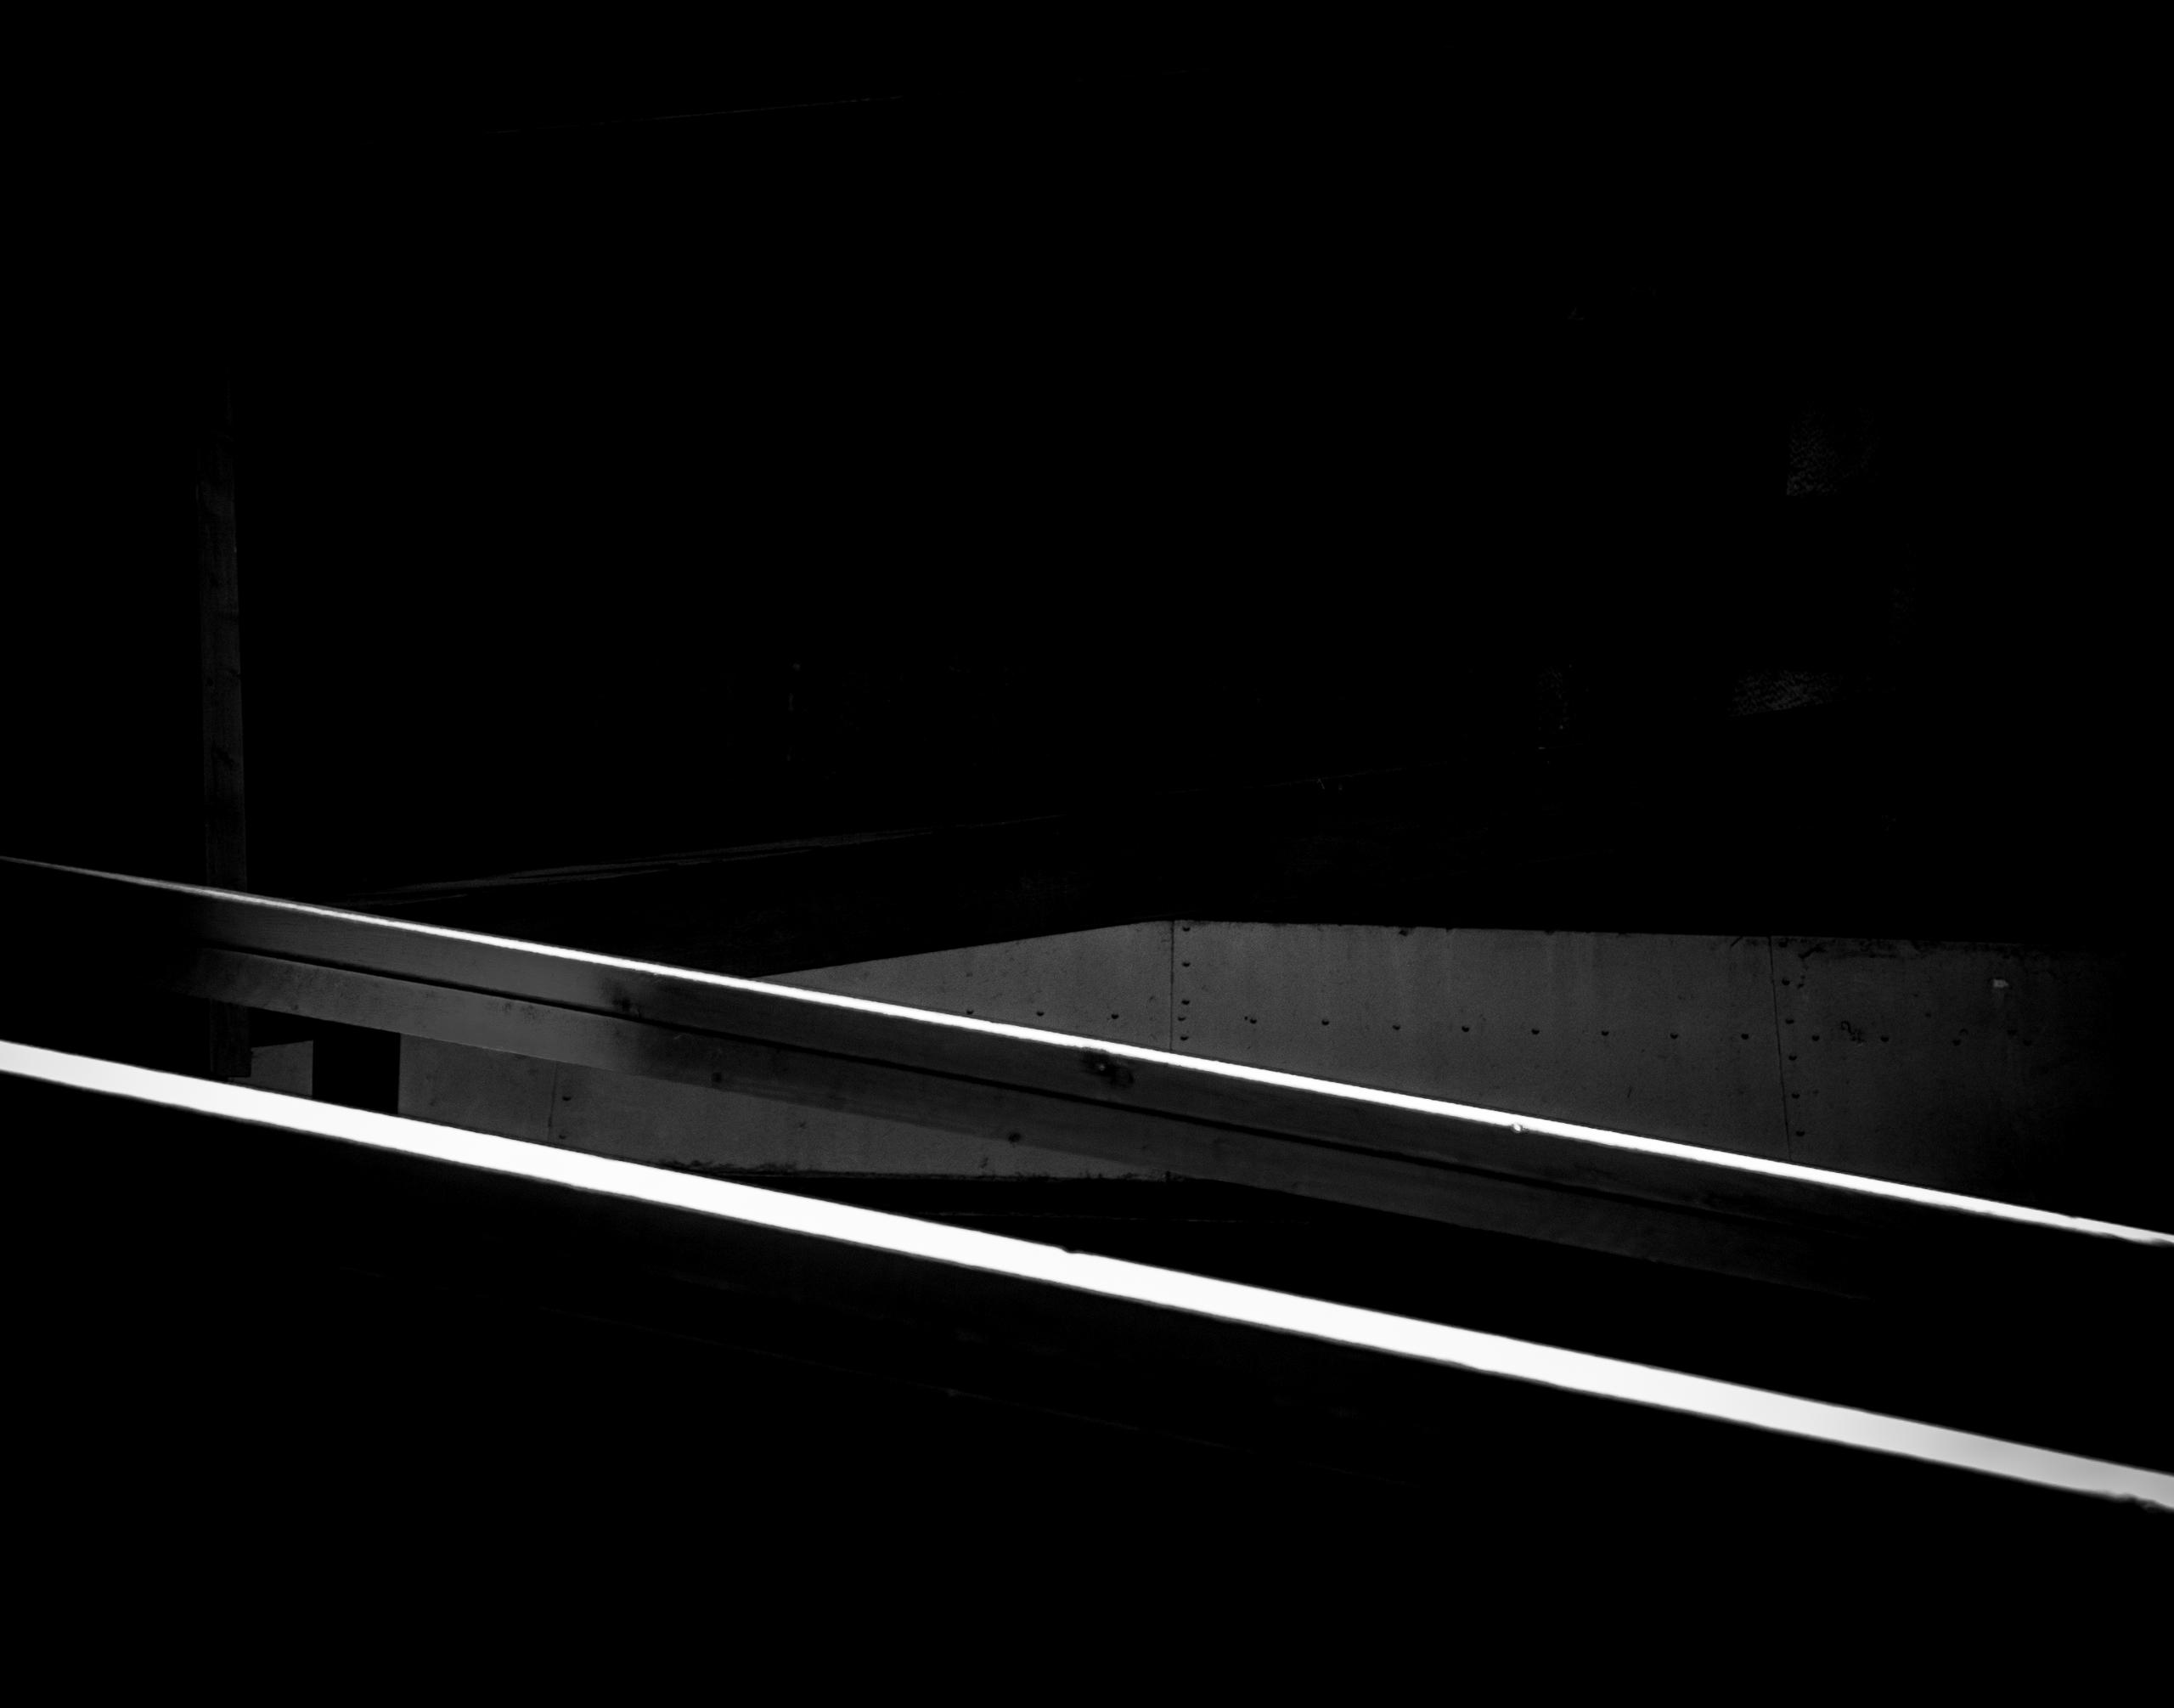 Parallel bars scene interior Ch - junwin | ello